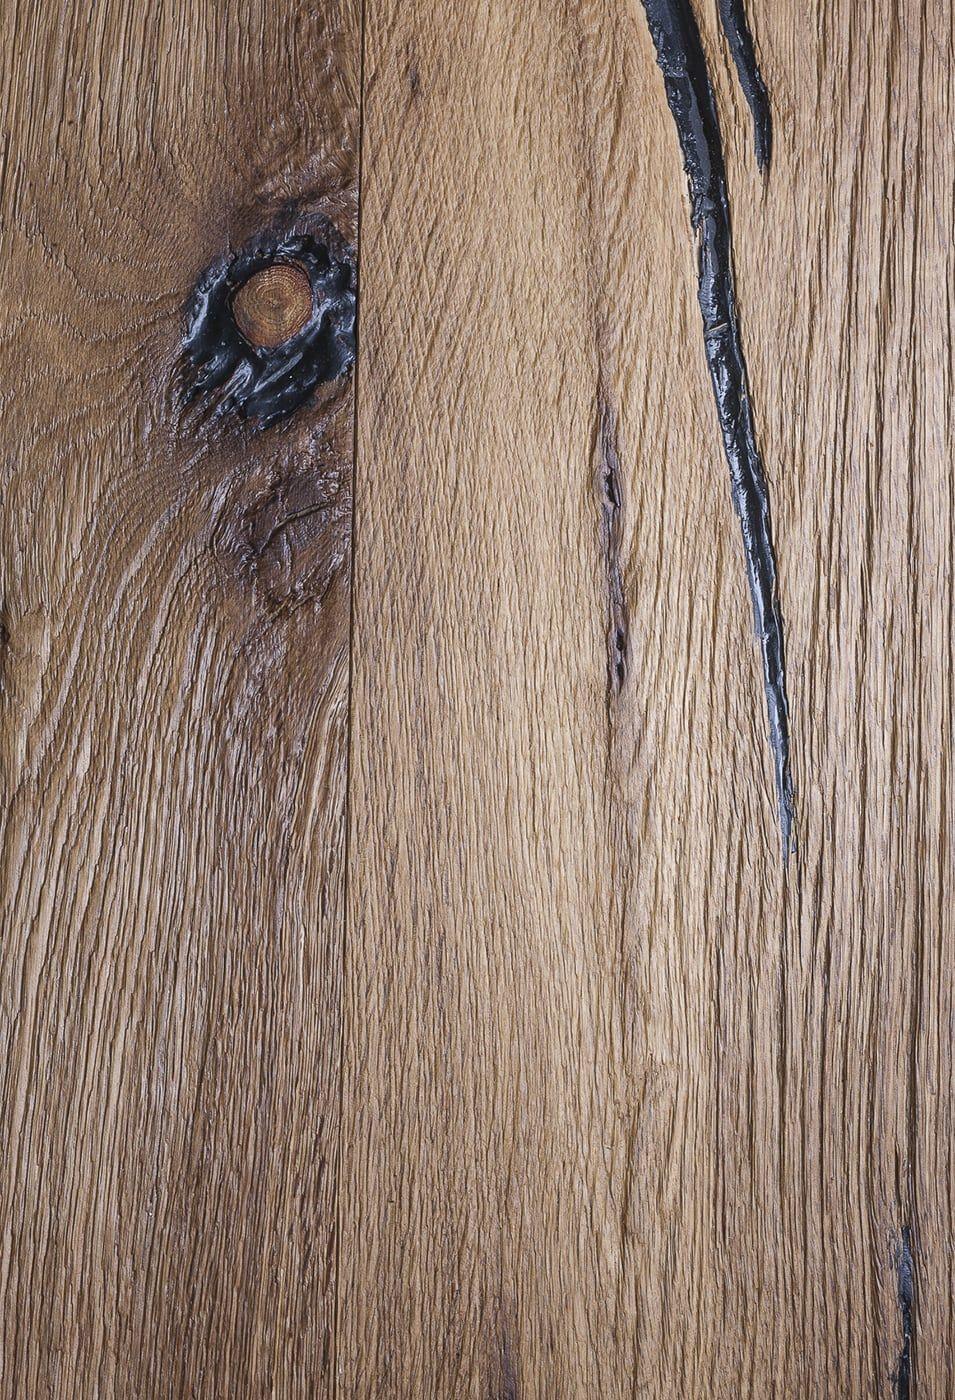 Rovere Spiaggiato Cognac Rovo, Pavimenti in legno, Cognac